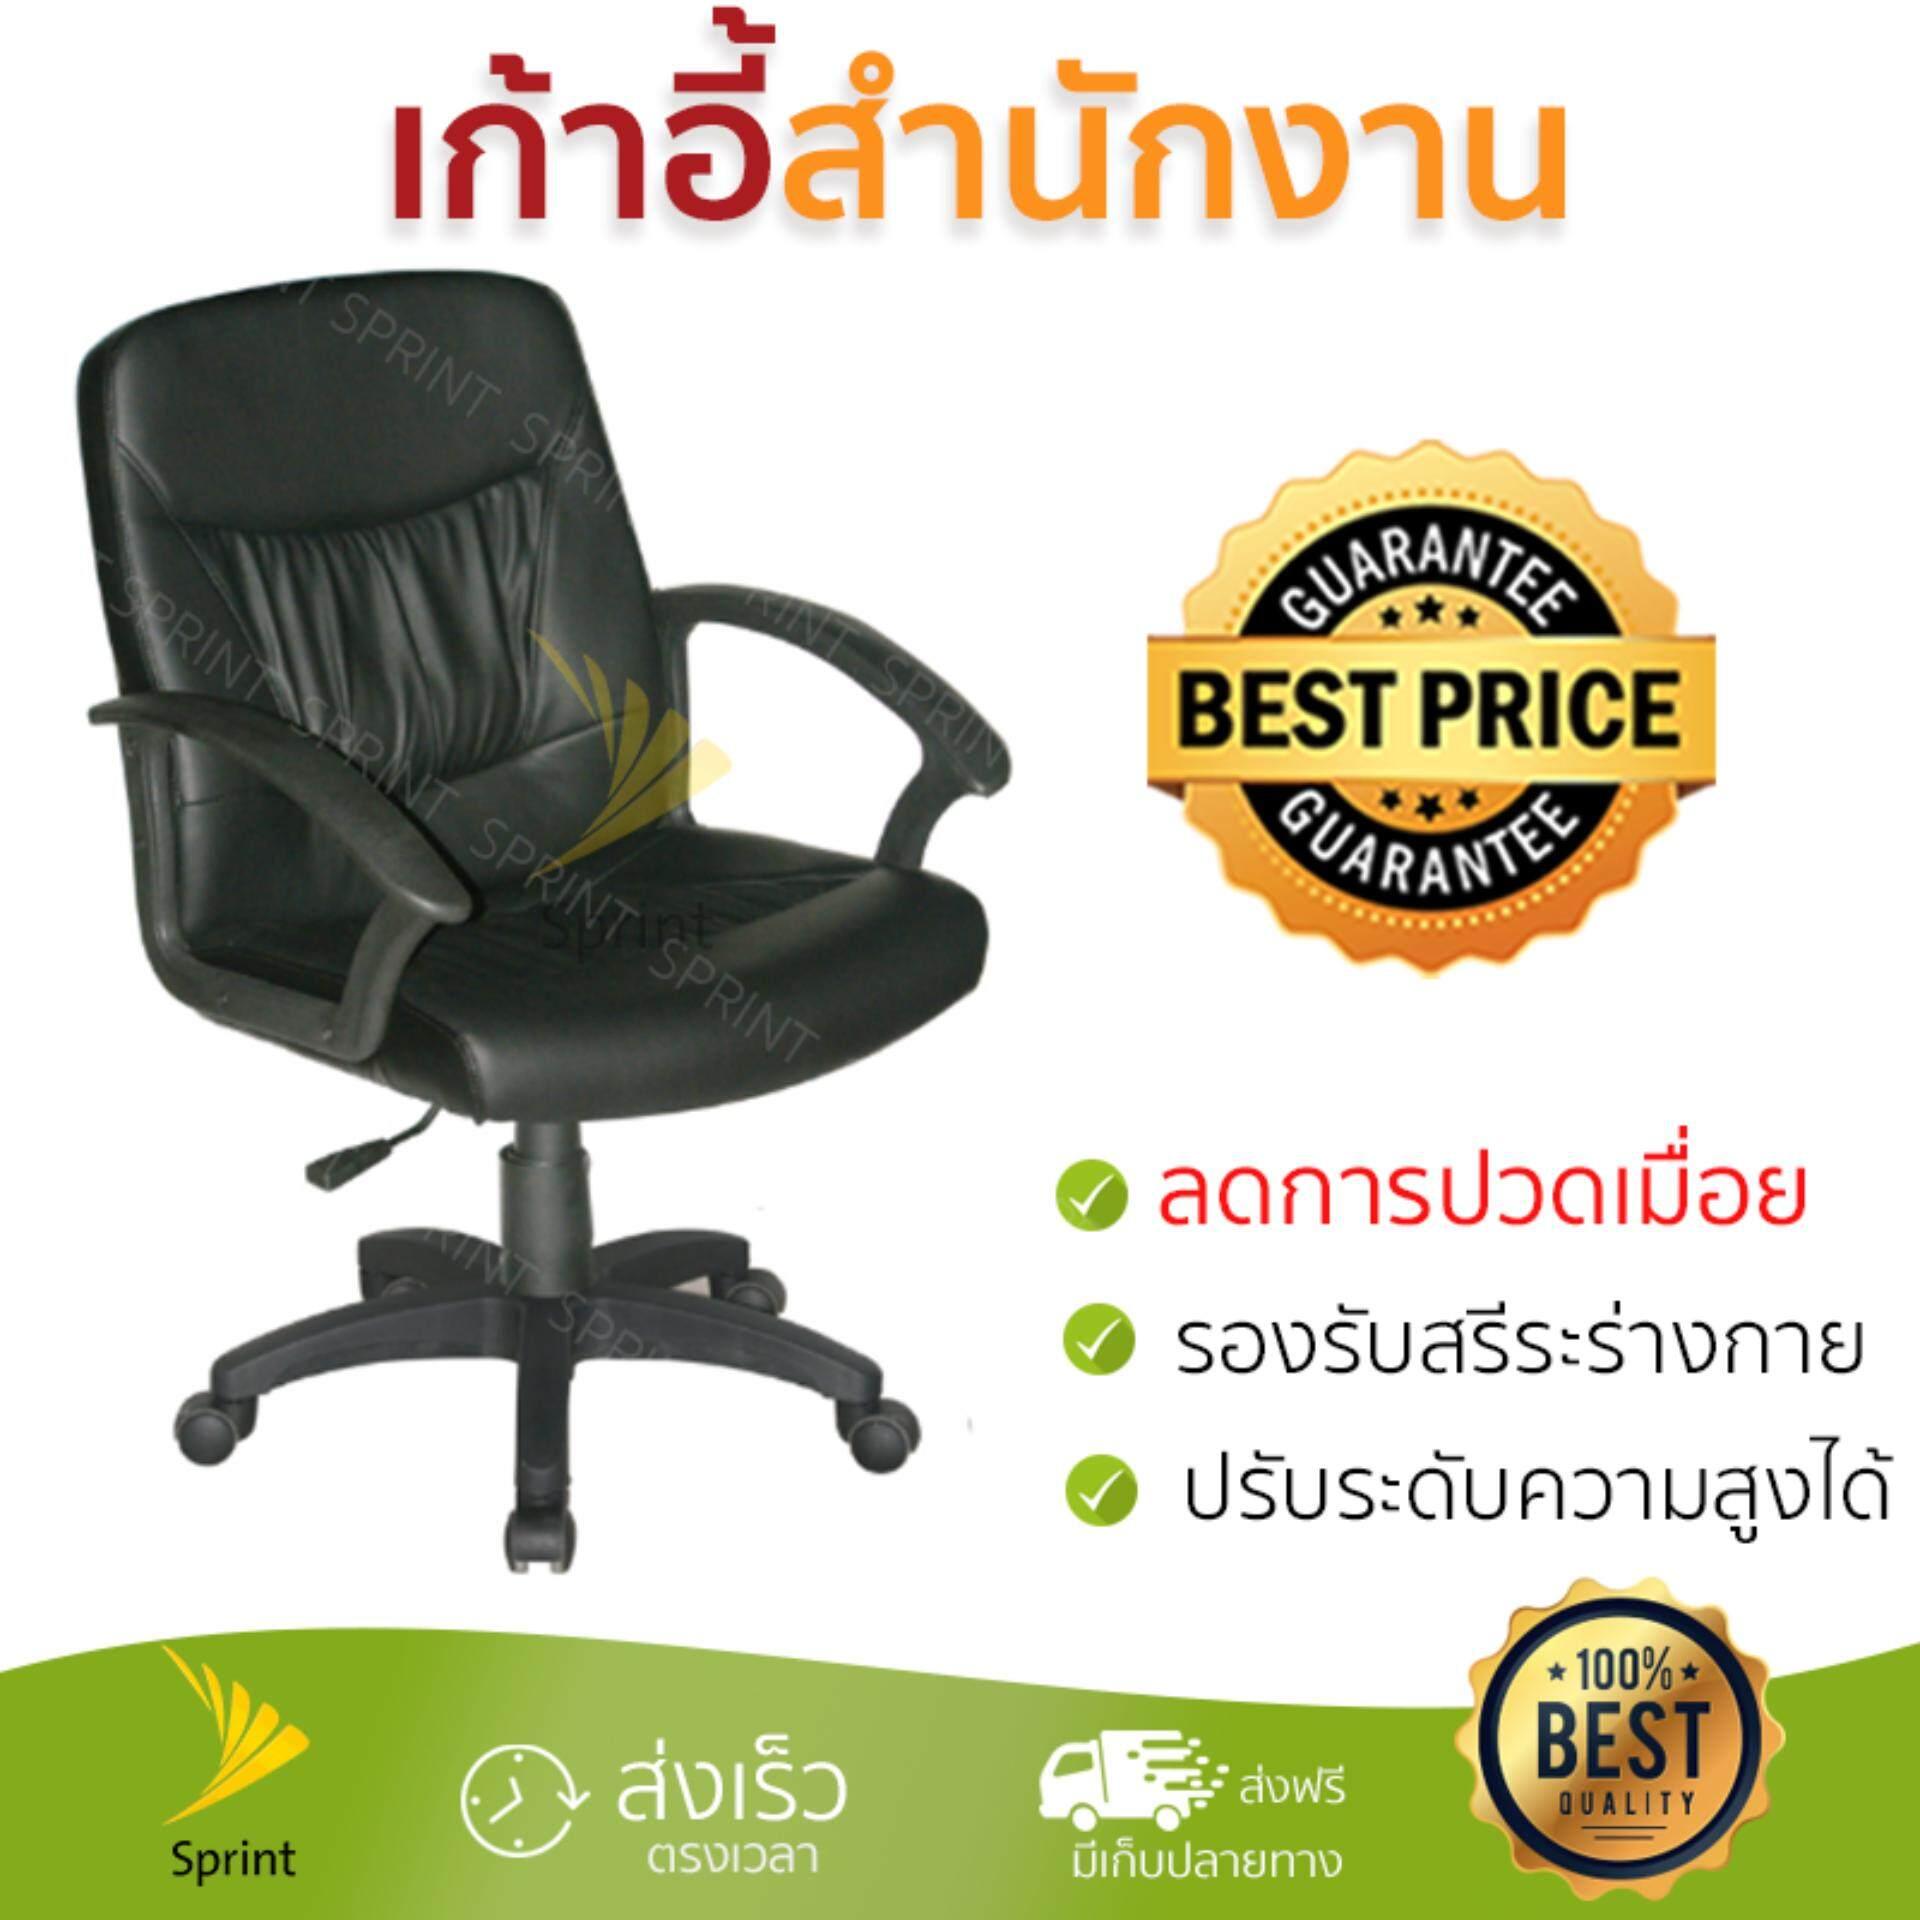 สุดยอดสินค้า!! ราคาพิเศษ เก้าอี้ทำงาน เก้าอี้สำนักงาน SMITH เก้าอี้สำนักงานLK223B01 สีดำ ลดอาการปวดเมื่อยลำคอและไหล่ เบาะนุ่มกำลังดี นั่งสบาย ไม่อึดอัด ปรับระดับความสูงได้ Office Chair จัดส่งฟรี kerry